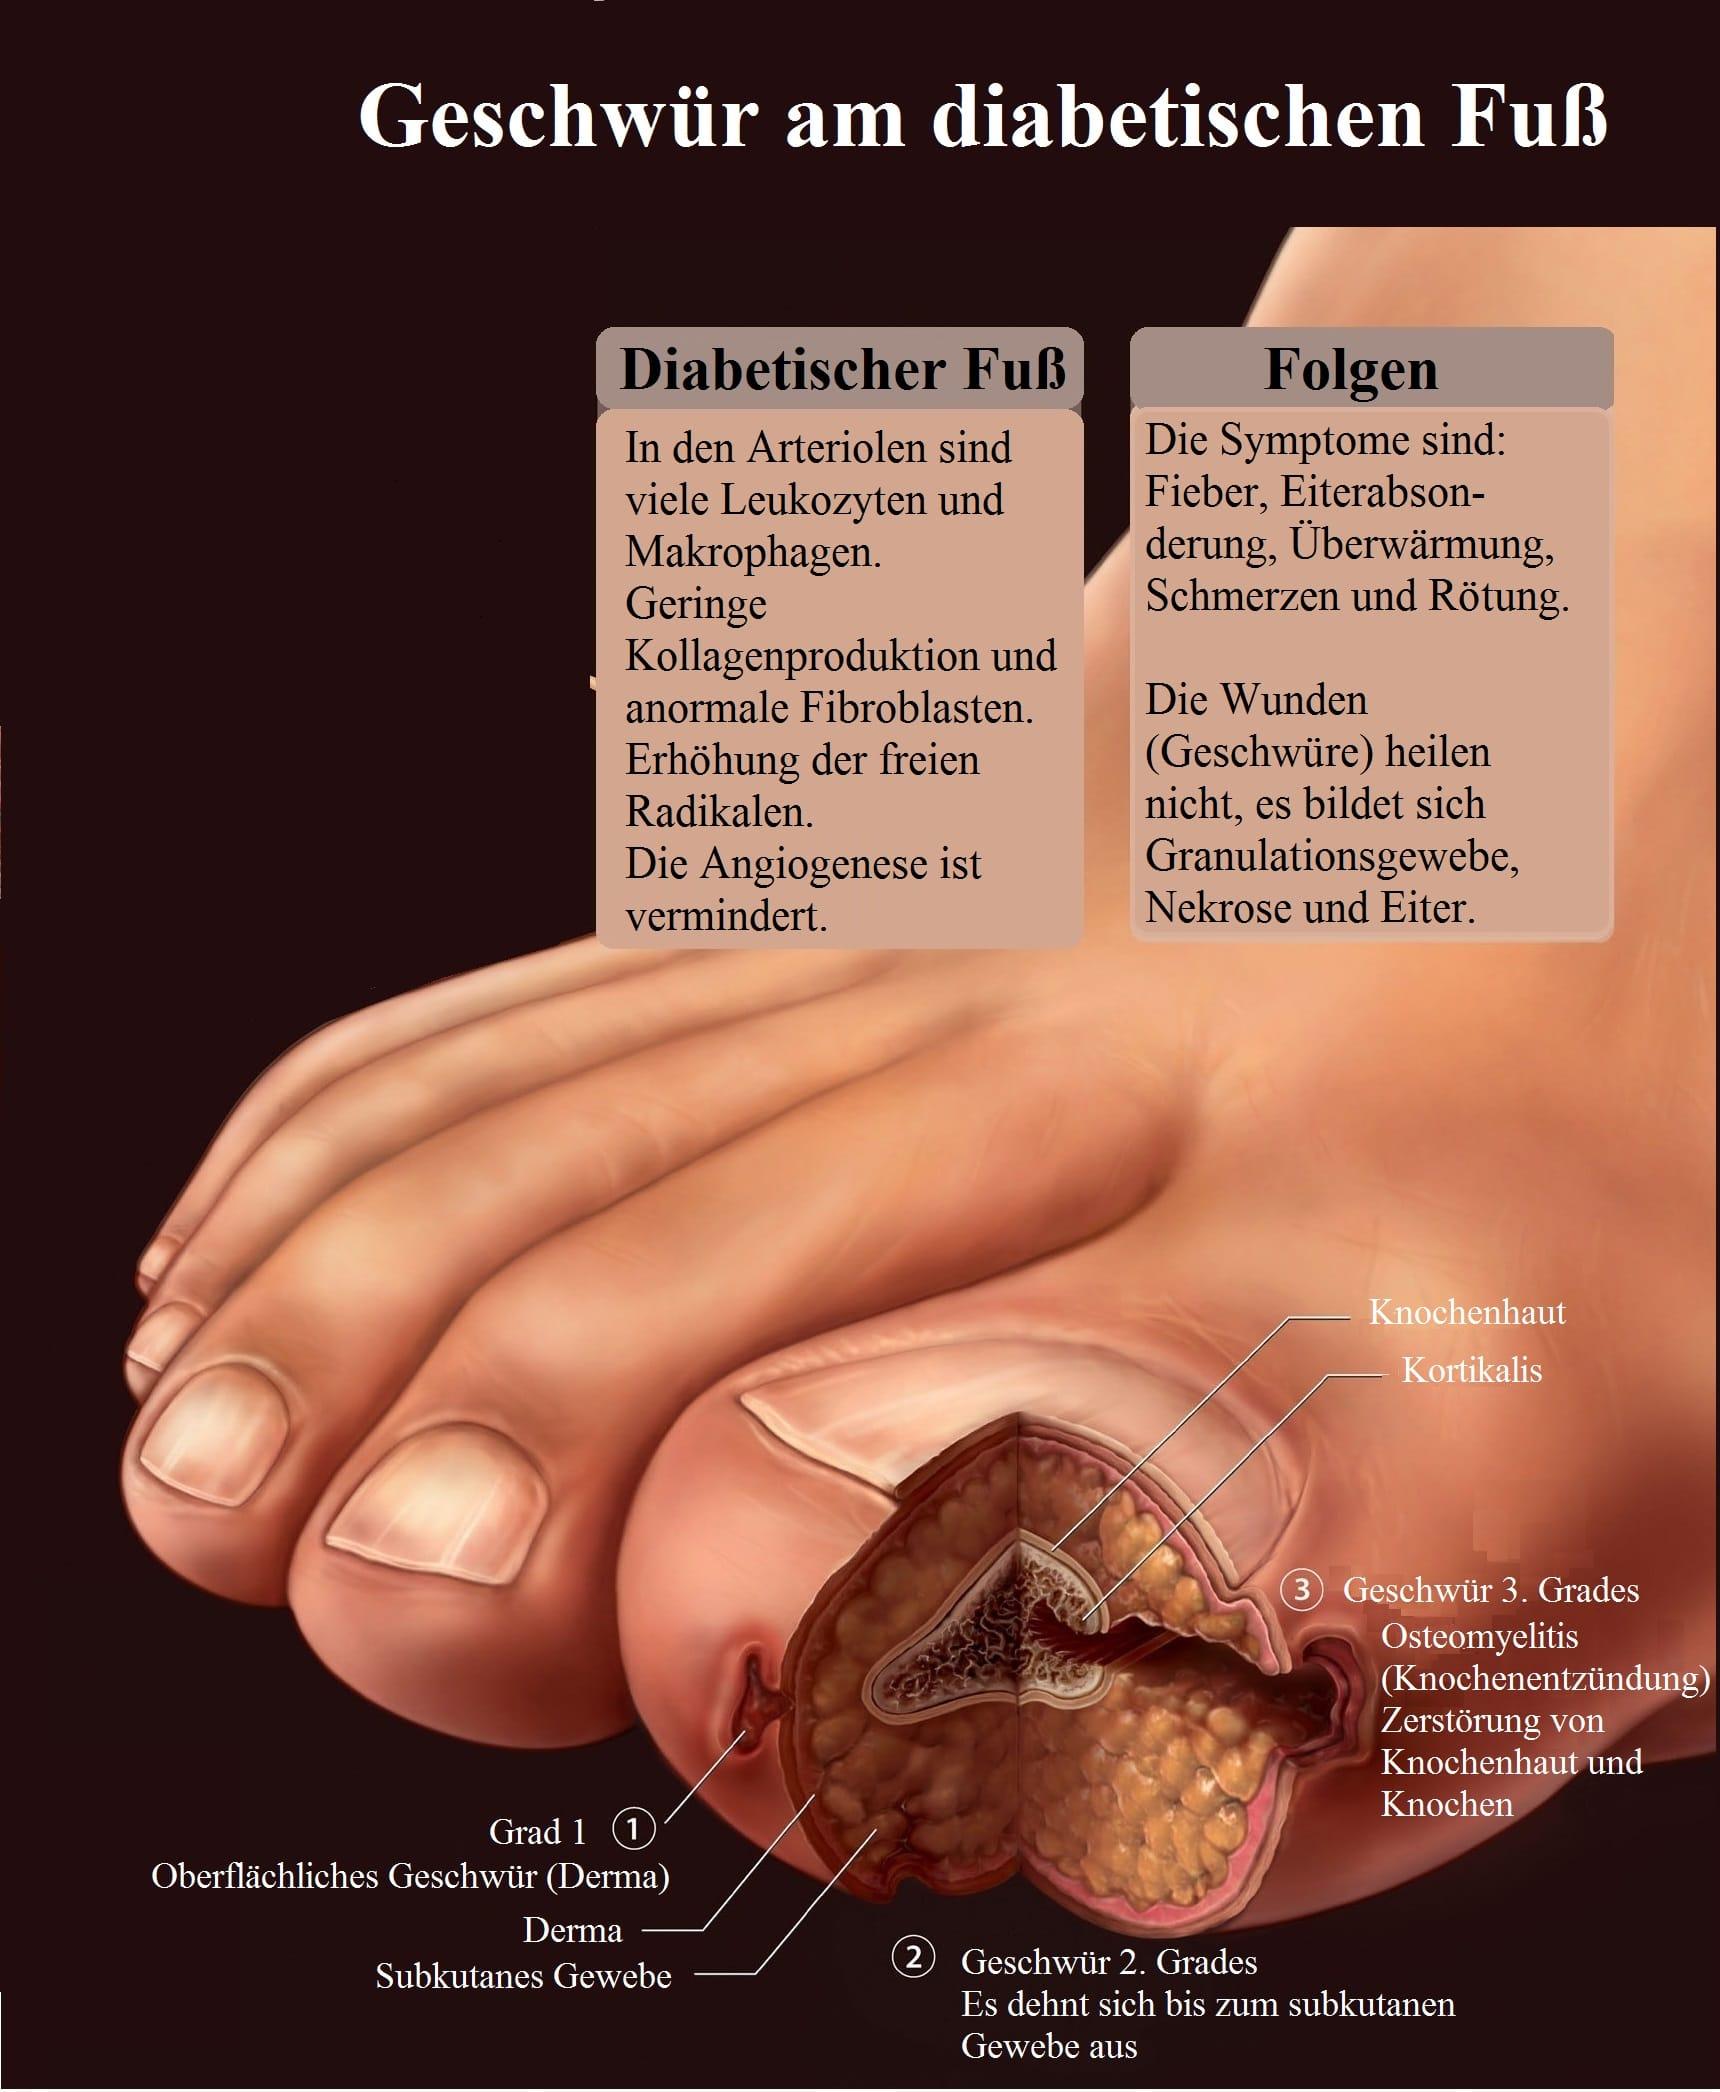 offenes bein bei diabetes mellitus